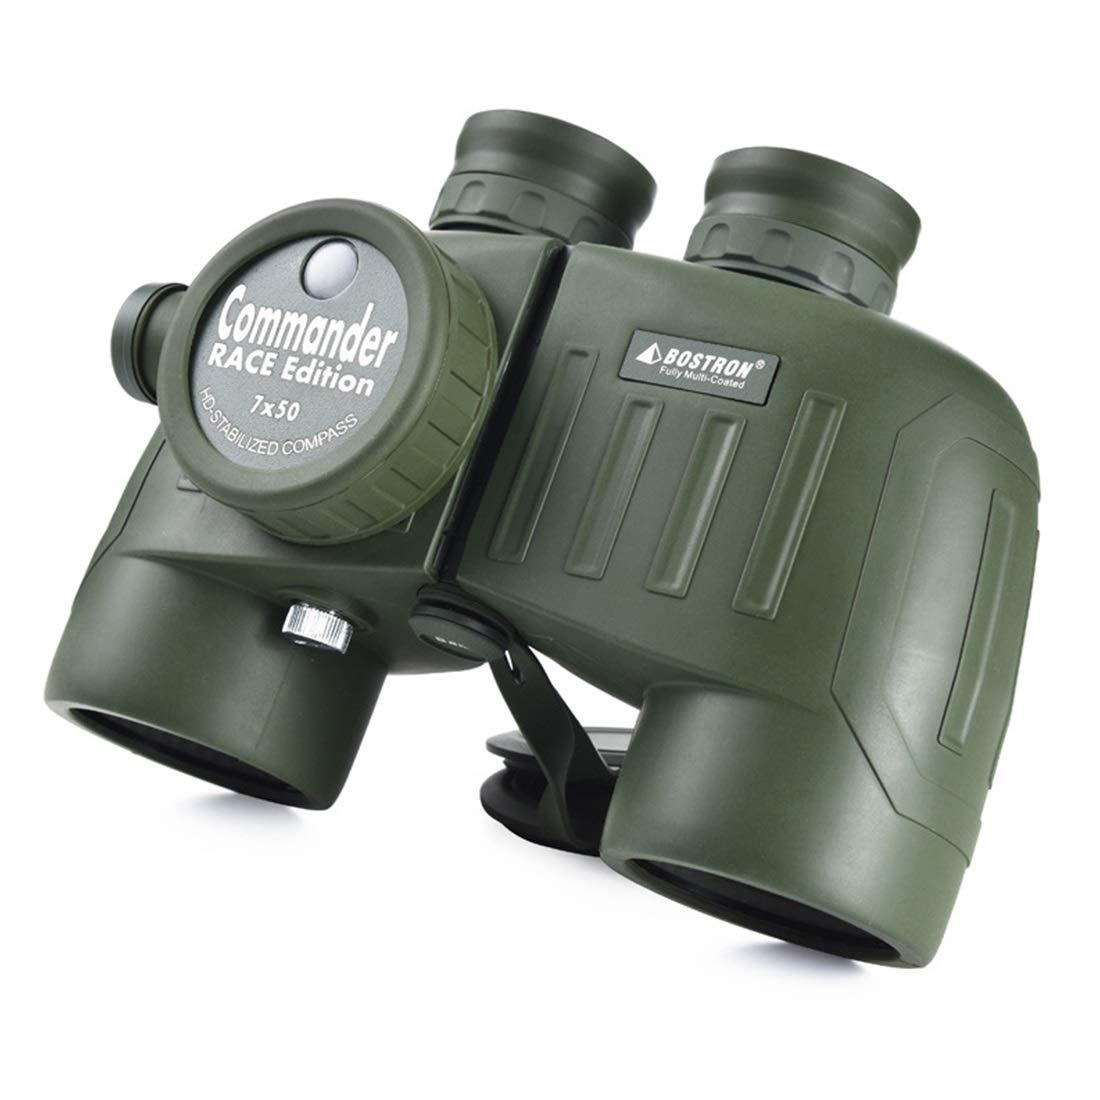 超高品質で人気の Foxsed-five 子供の大人のための7x50コンパクトフォグプルーフ双眼鏡 Foxsed-five、鳥の鑑賞のためのコンパス折りたたみ望遠鏡キャリングバッグとキャンプとスポーツゲーム B07LD1SK33 B07LD1SK33, カミミノチグン:07c431c1 --- a0267596.xsph.ru